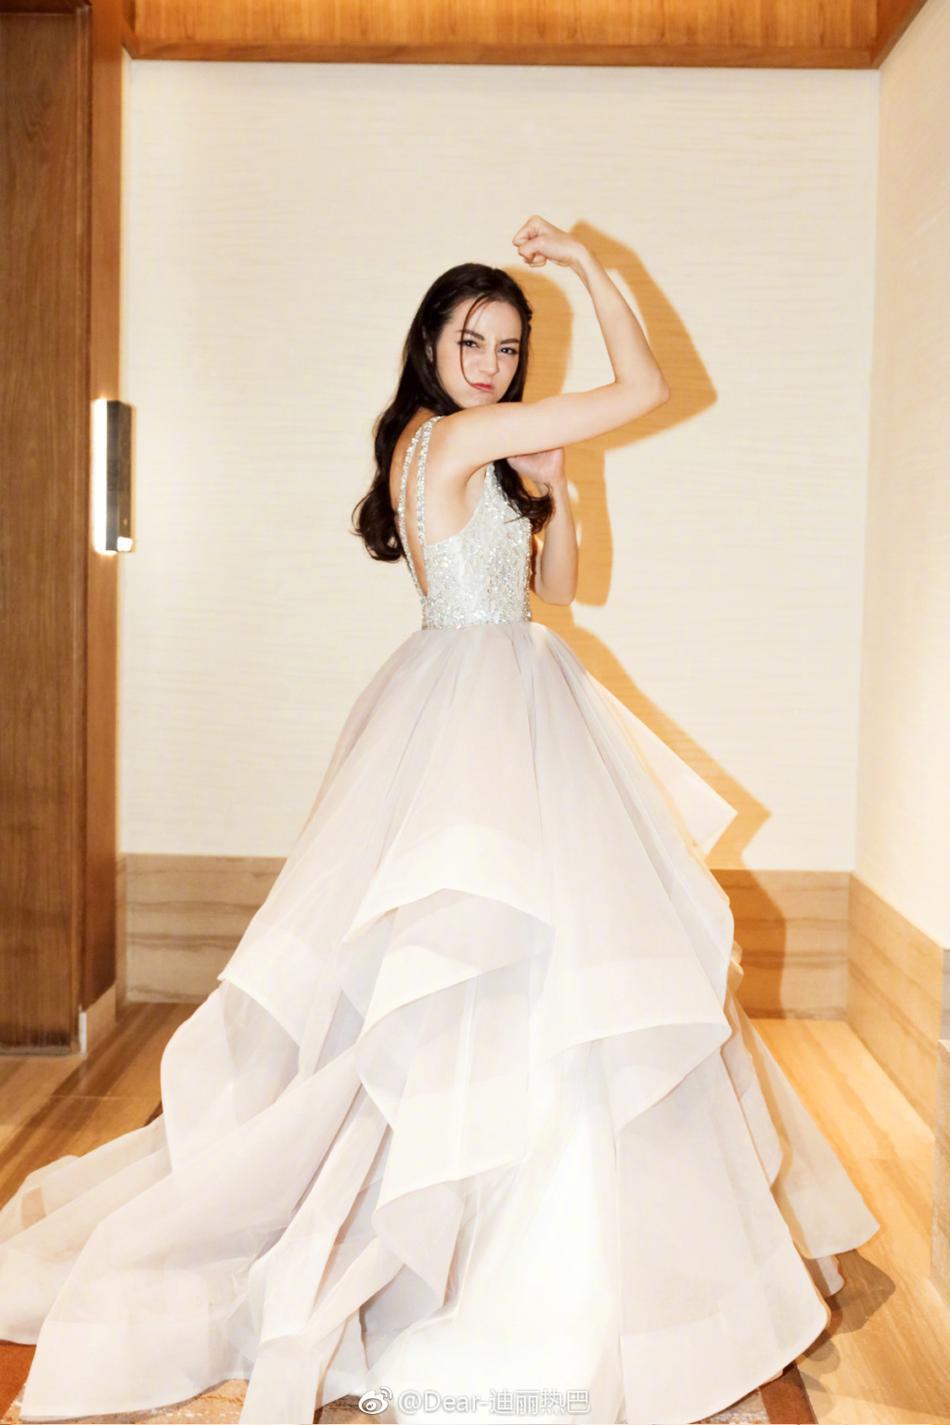 4月14日,迪丽热巴微博晒出自己四张身穿白色礼服照,妆容精致的她太图片